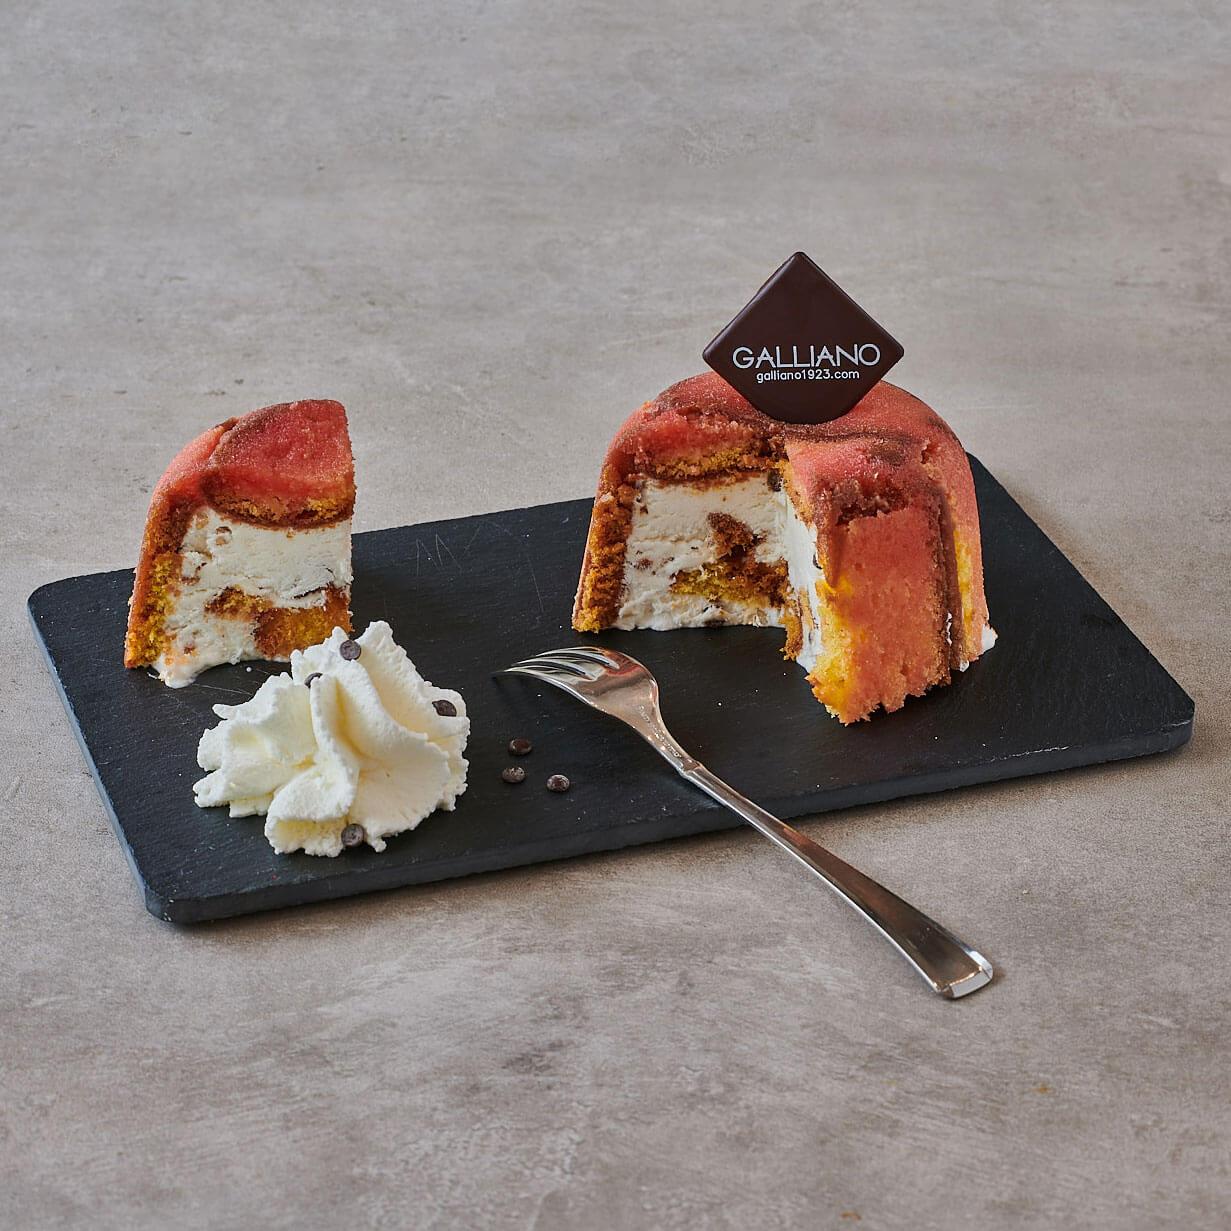 Il celebre zuccotto, una delle torte semifredde proposte da Galliano